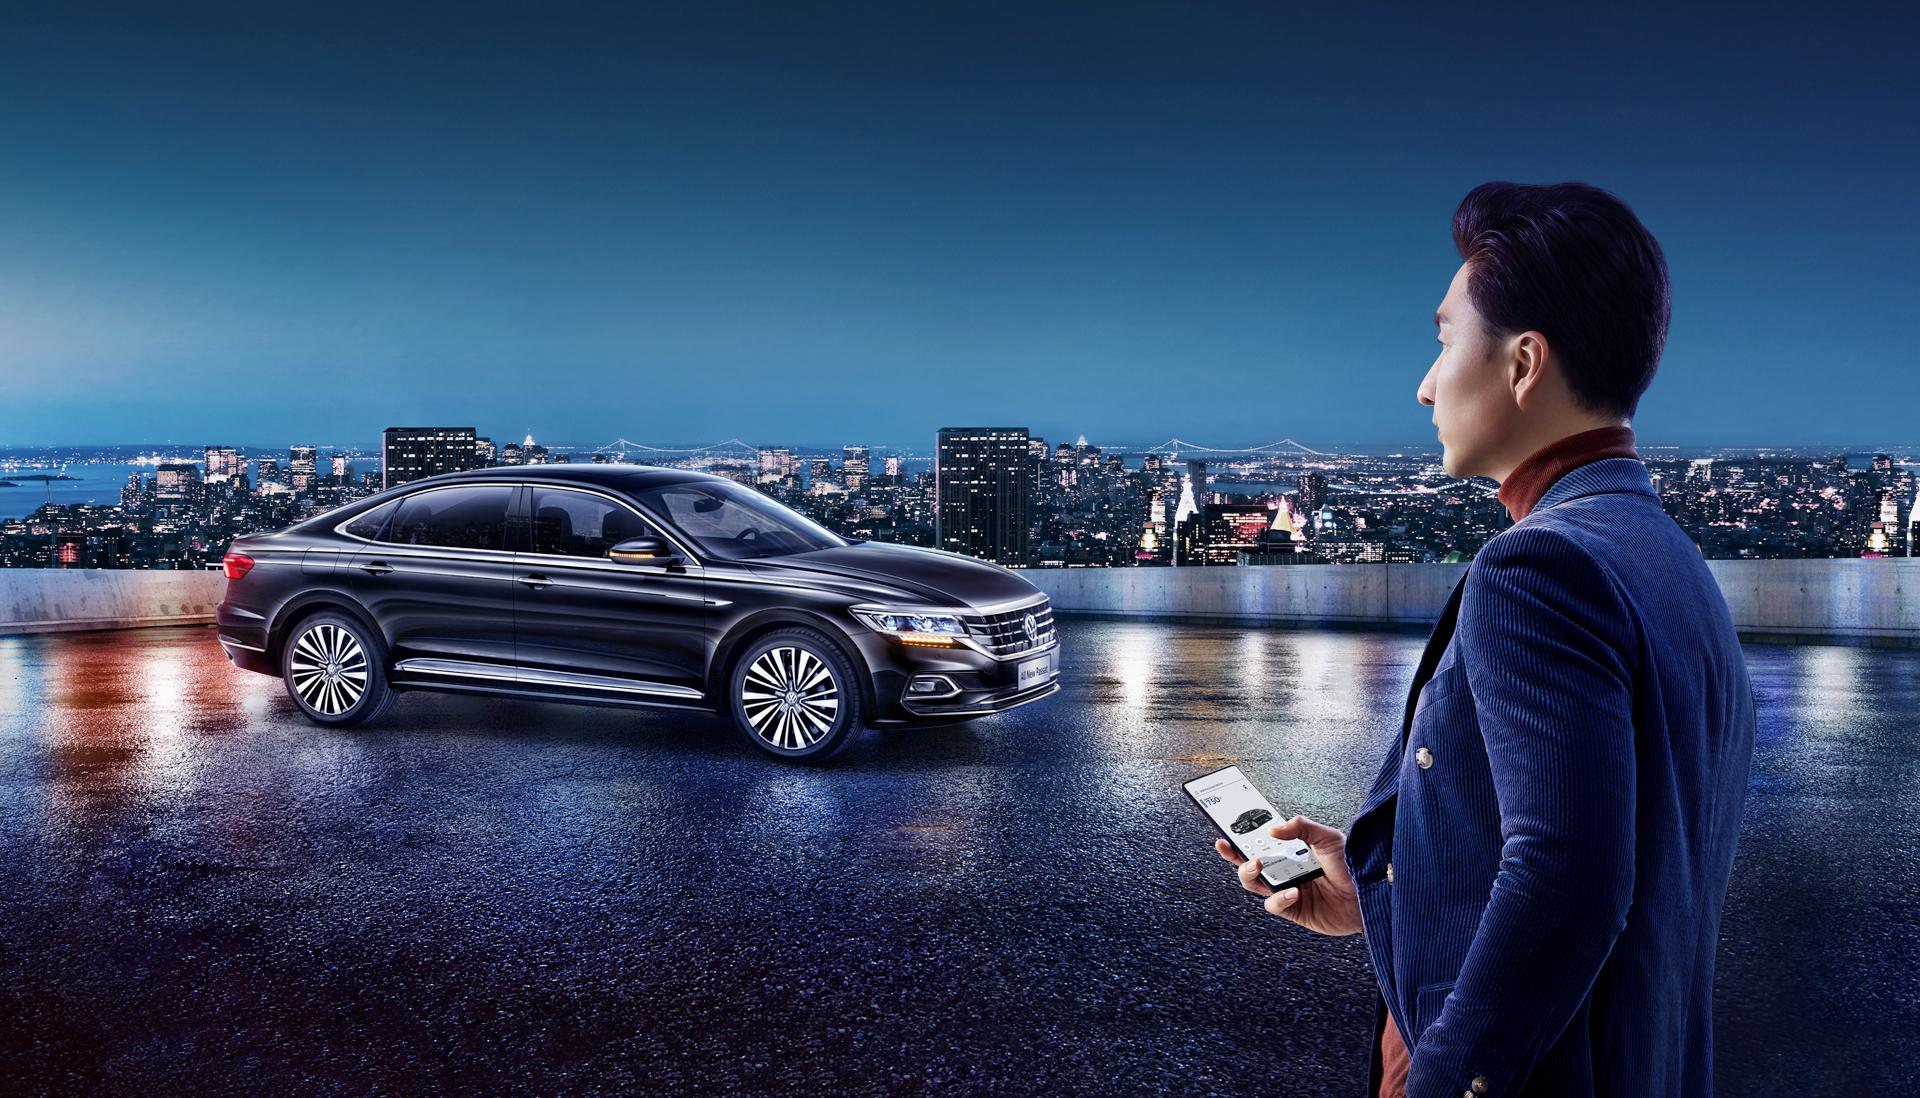 搭载智慧车联系统 2020款大众帕萨特上市18.59万起售